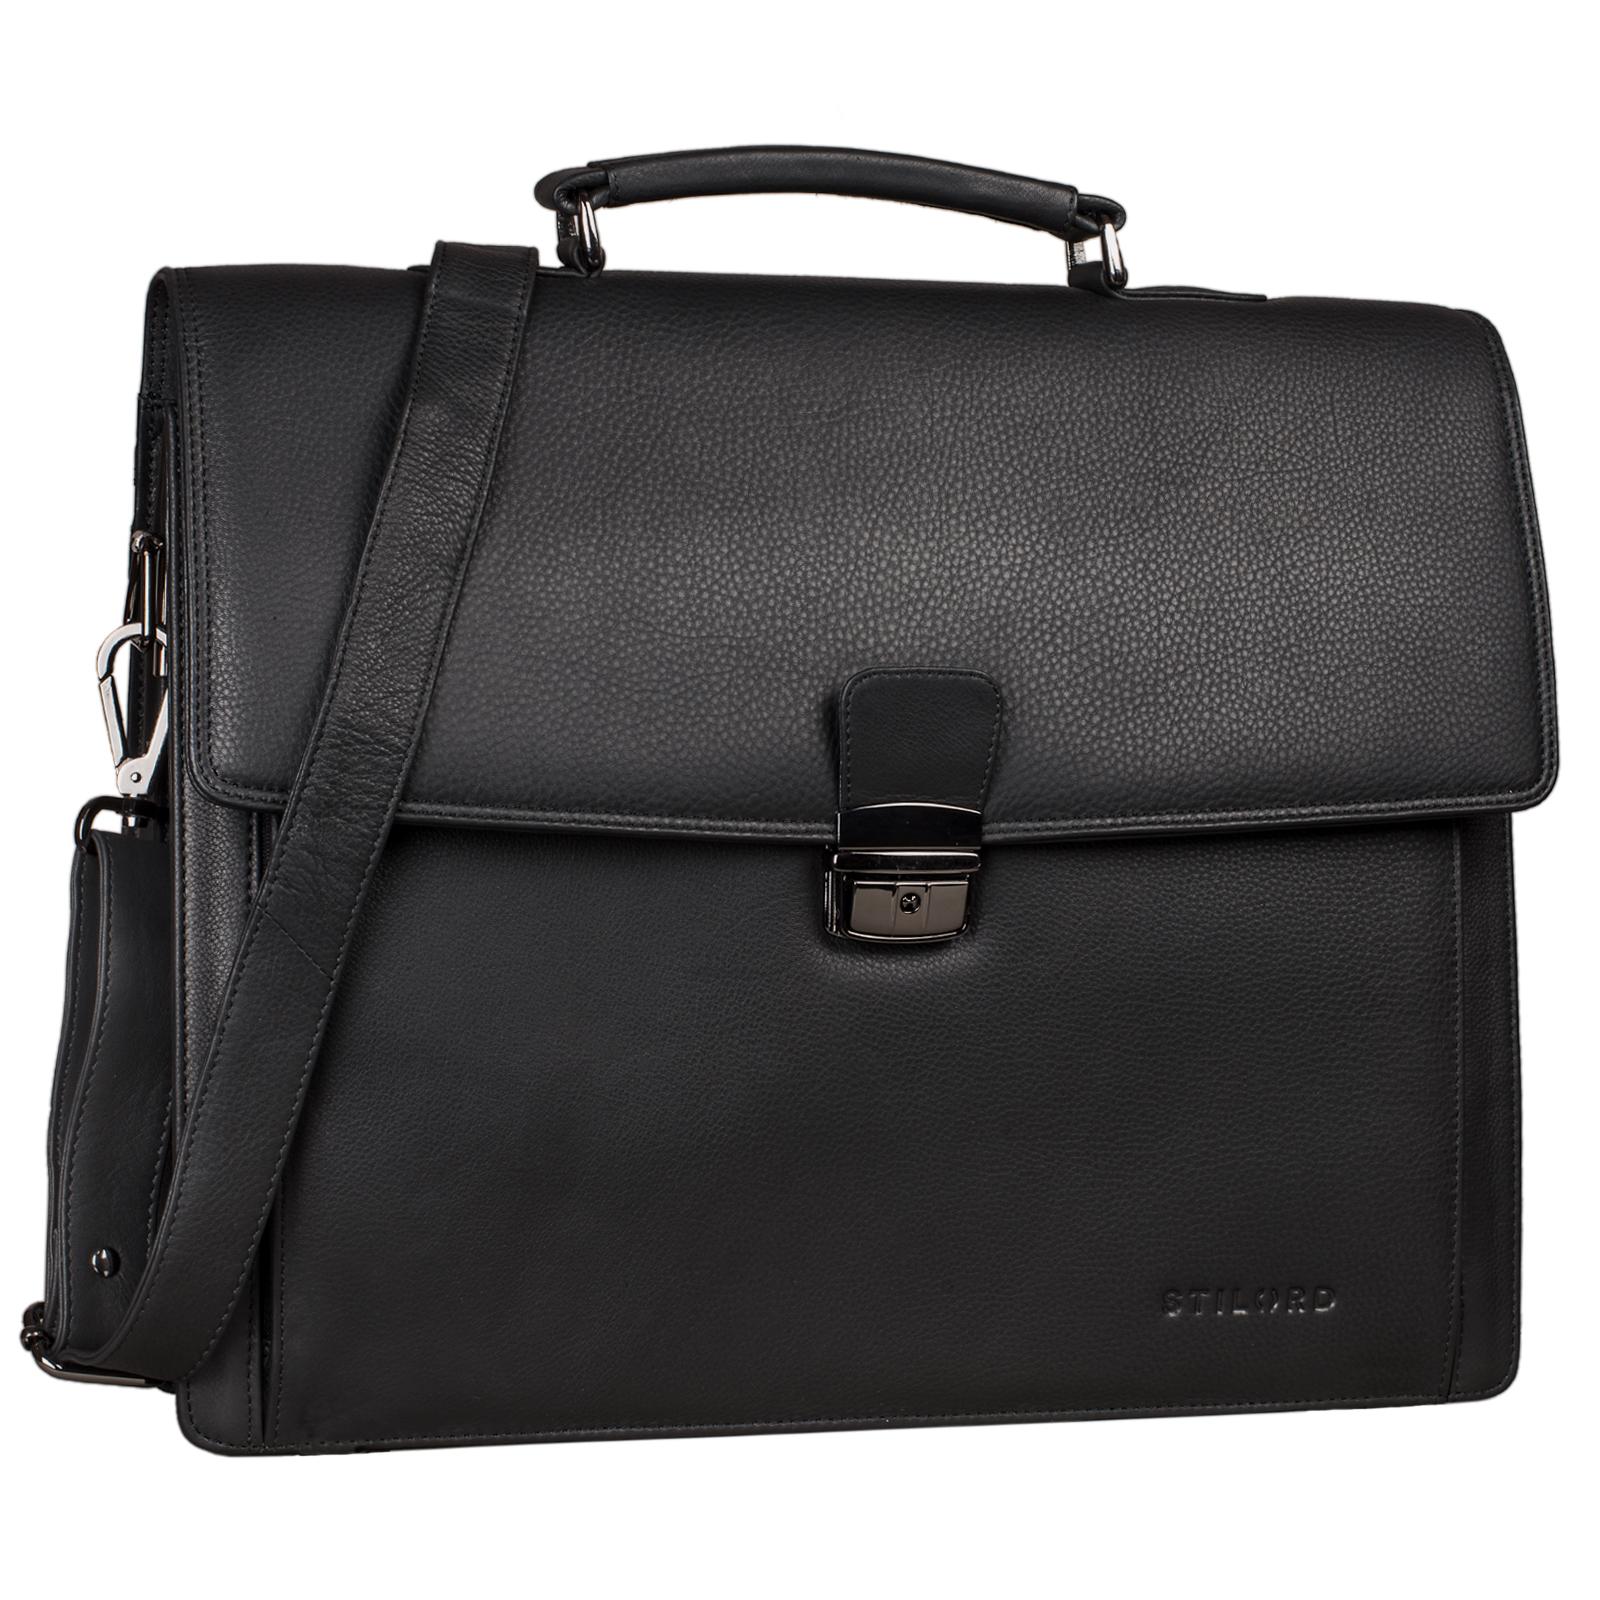 """STILORD """"Noel"""" Aktentasche Leder Herren Vintage groß klassische Arbeitstasche Bürotasche Umhängetasche Dokumententasche mit Laptopfach 13,3 Zoll und Trolleyschlaufe - Bild 9"""